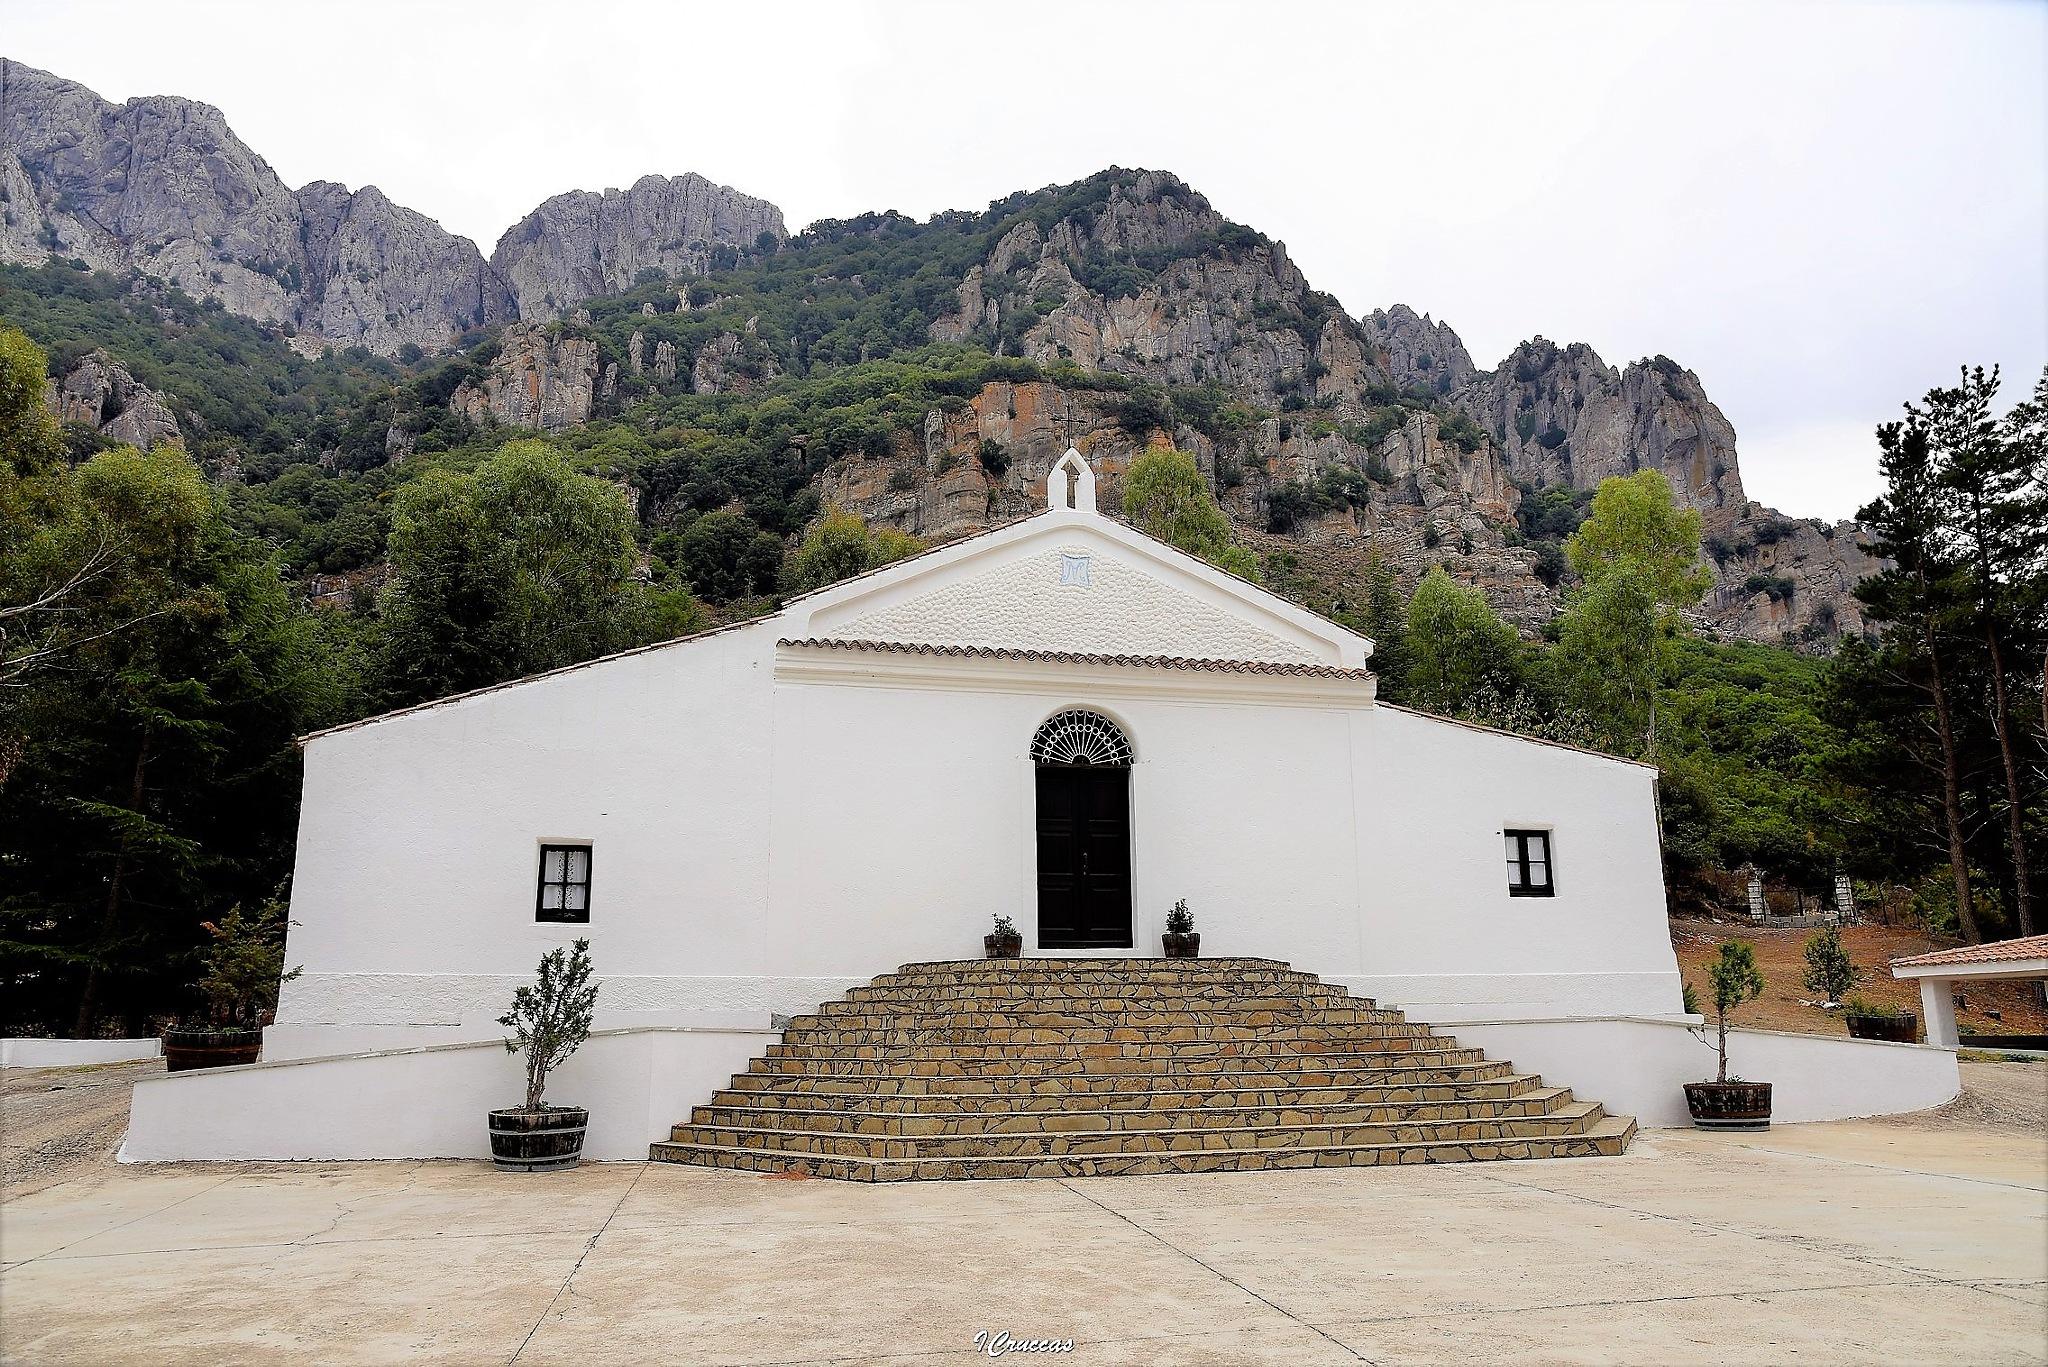 Lula:Chiesa del Miracolo by ignazio cruccas